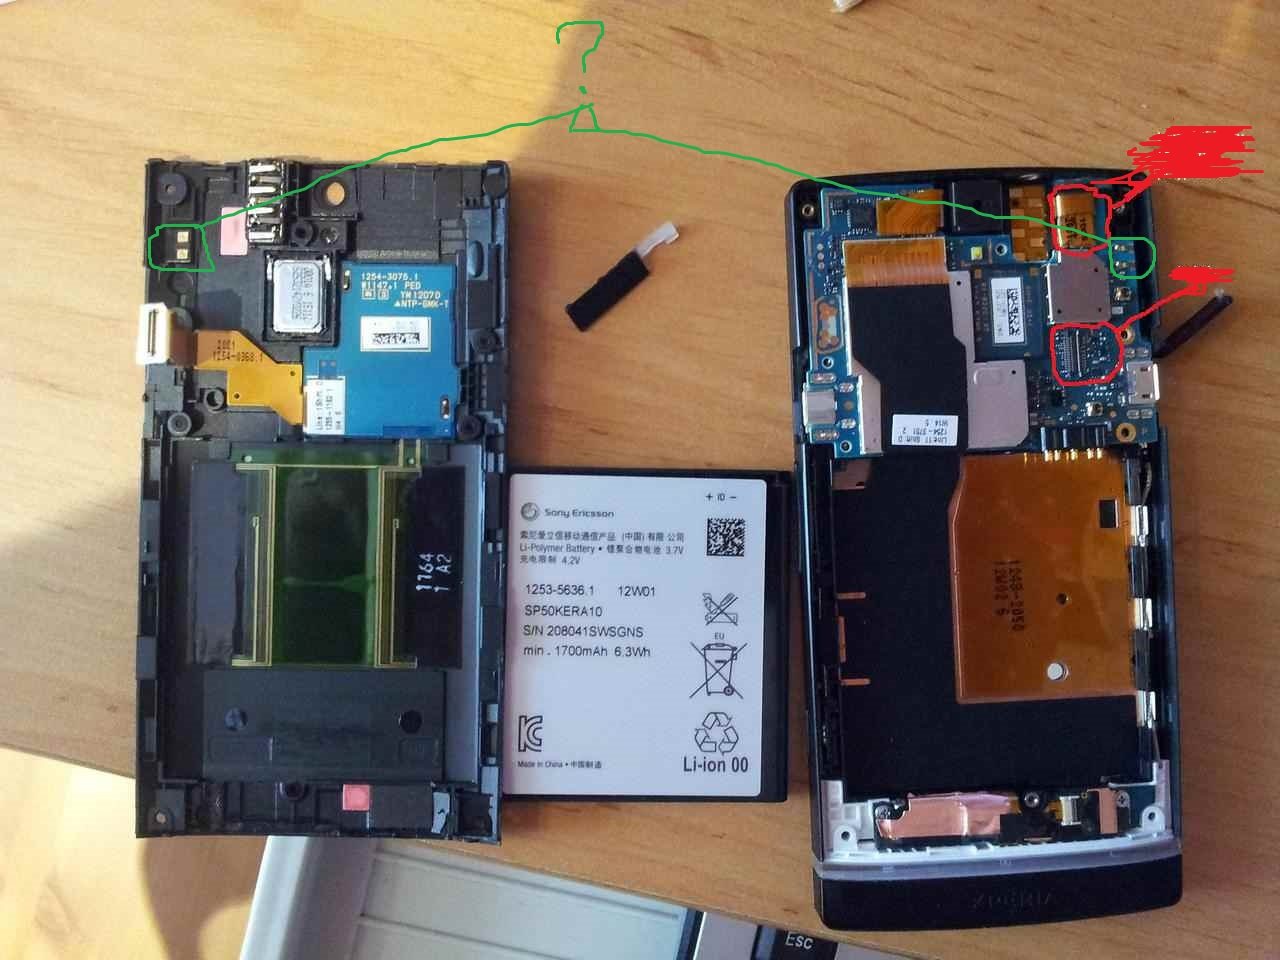 Sony Xperia S - G�o�nik multimedialny nie dzia�a.